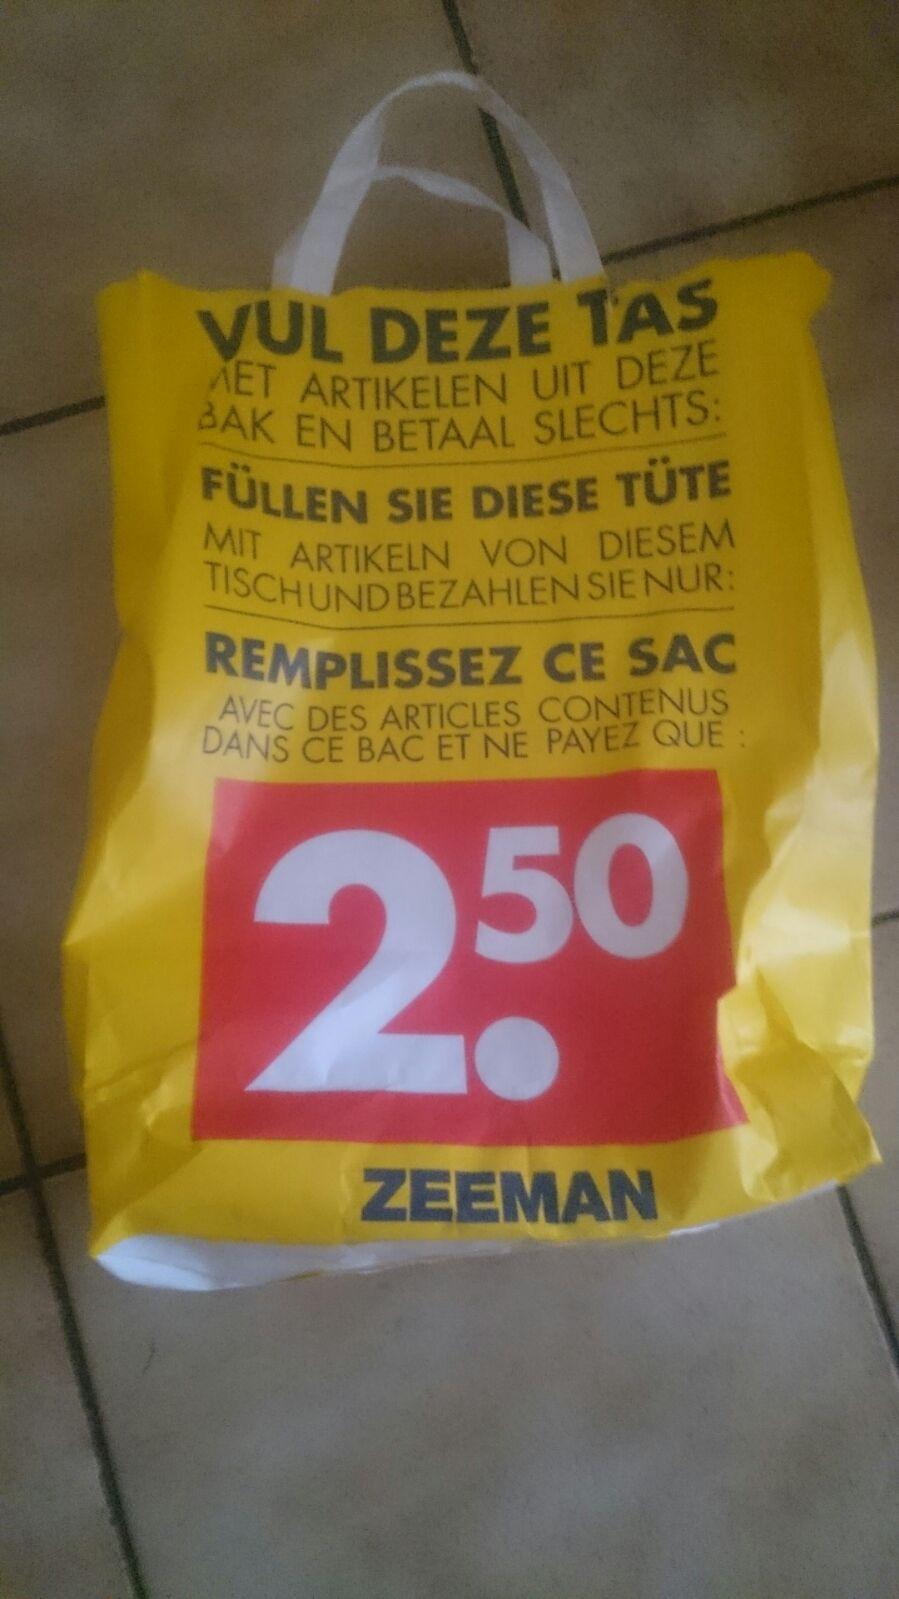 [UPDATE] Vul hele tas met geselecteerde artikelen voor 2,50 @ Zeeman (meerdere locaties)